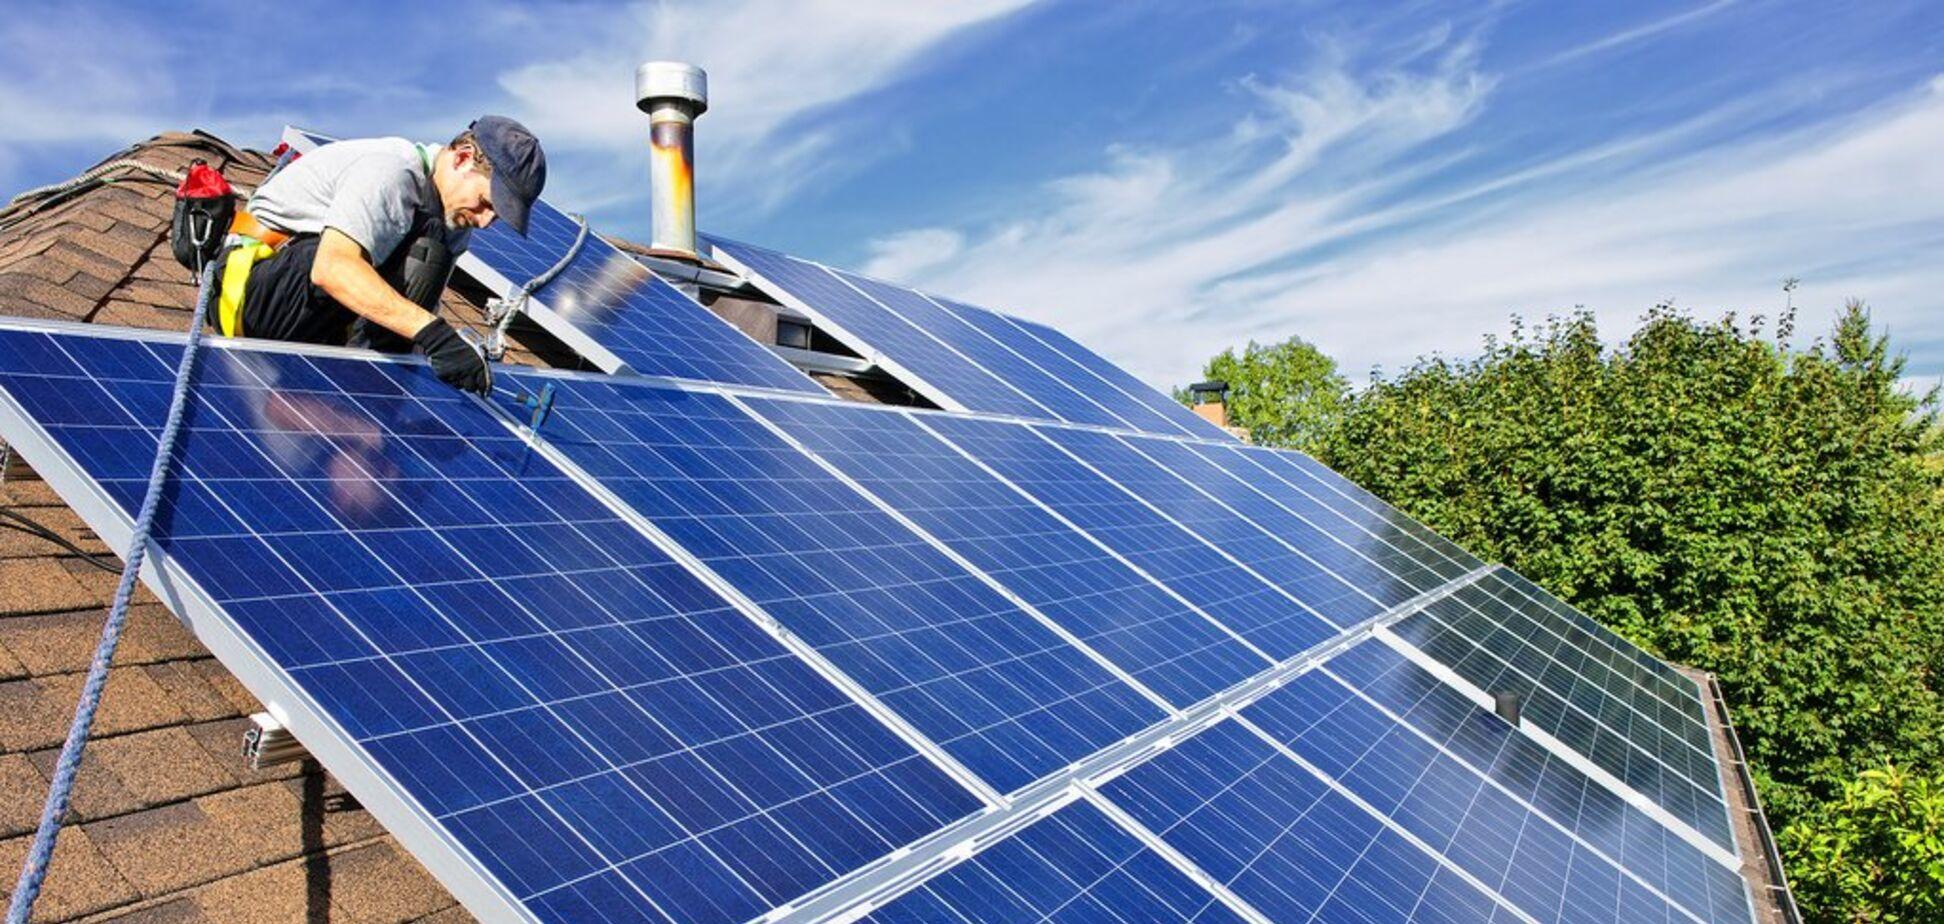 Власникам домашніх сонячних станцій не платять за 'зеленим' тарифом: Герус повідомив про проблему